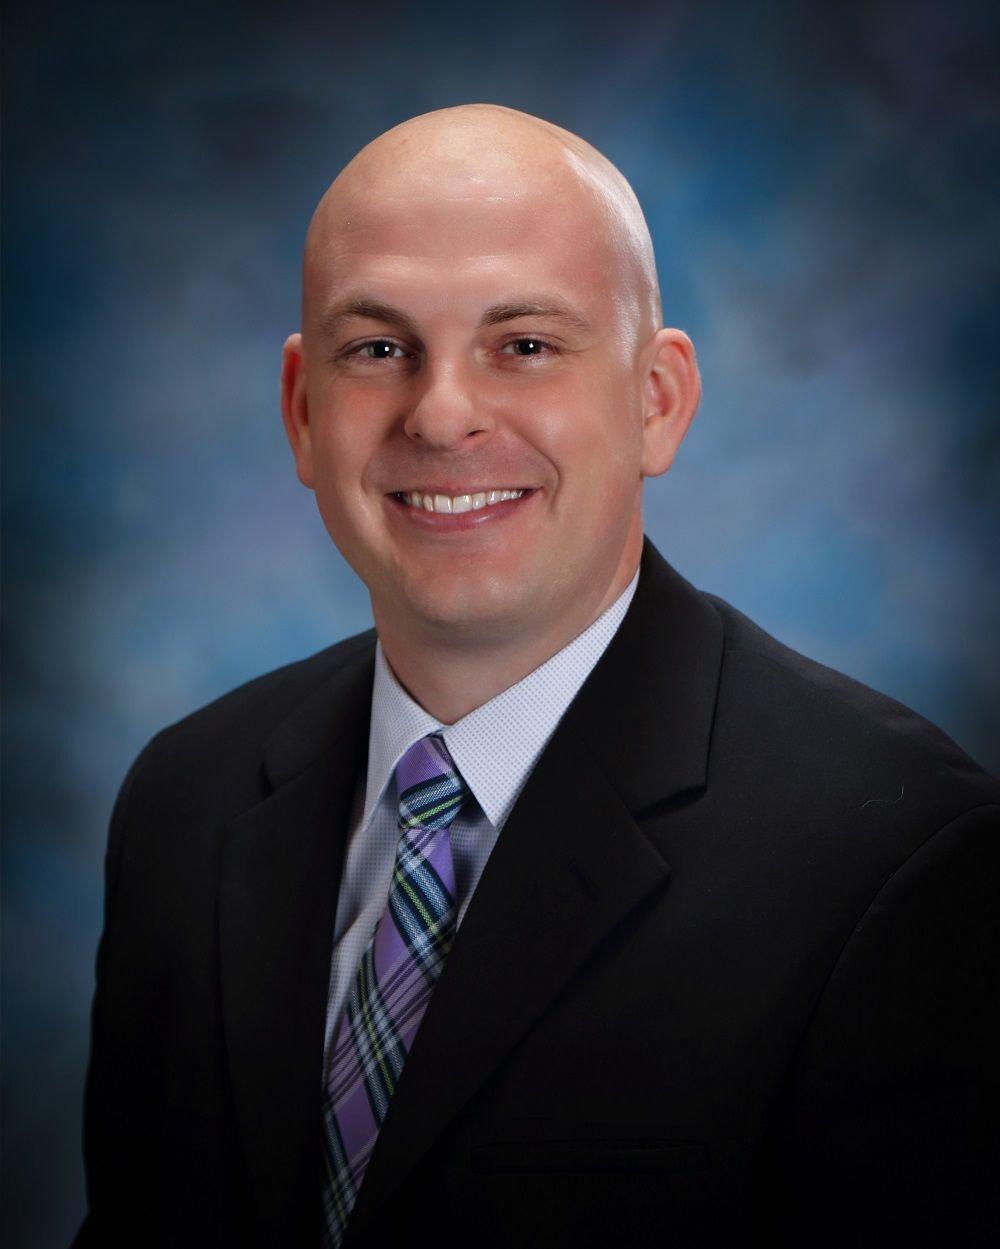 Dr. Kurt Kapels